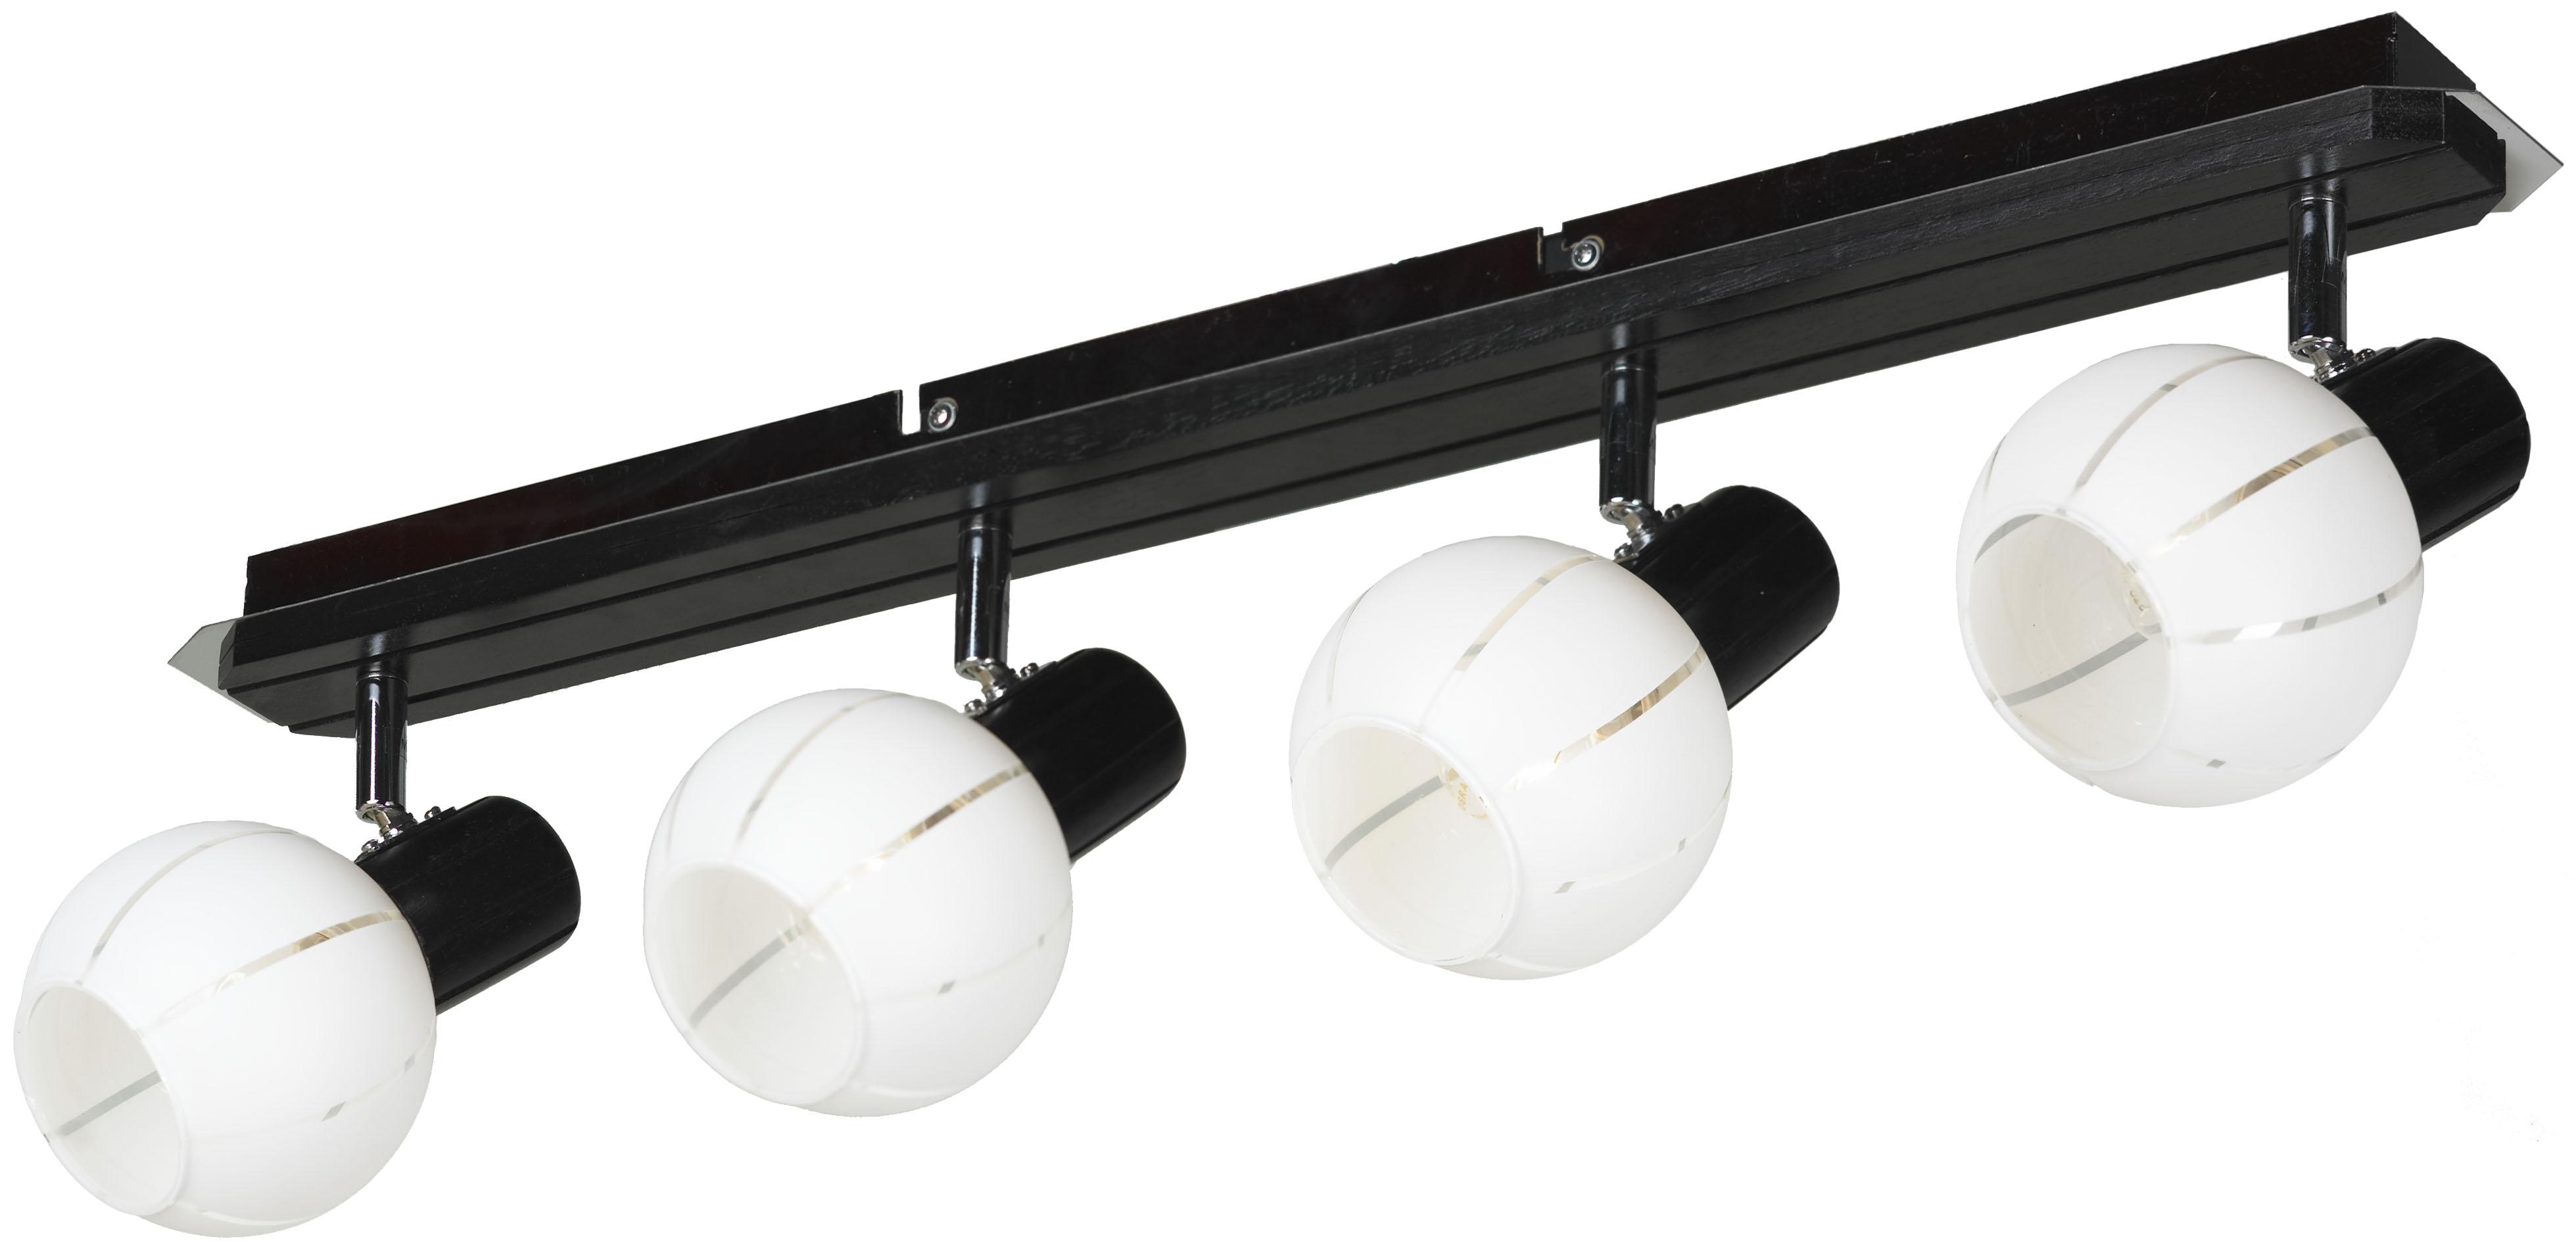 Спот LussoleСпоты<br>Тип: спот,<br>Стиль светильника: модерн,<br>Материал светильника: металл, стекло,<br>Количество ламп: 4,<br>Тип лампы: накаливания,<br>Мощность: 40,<br>Патрон: Е14,<br>Цвет арматуры: хром,<br>Ширина: 130<br>